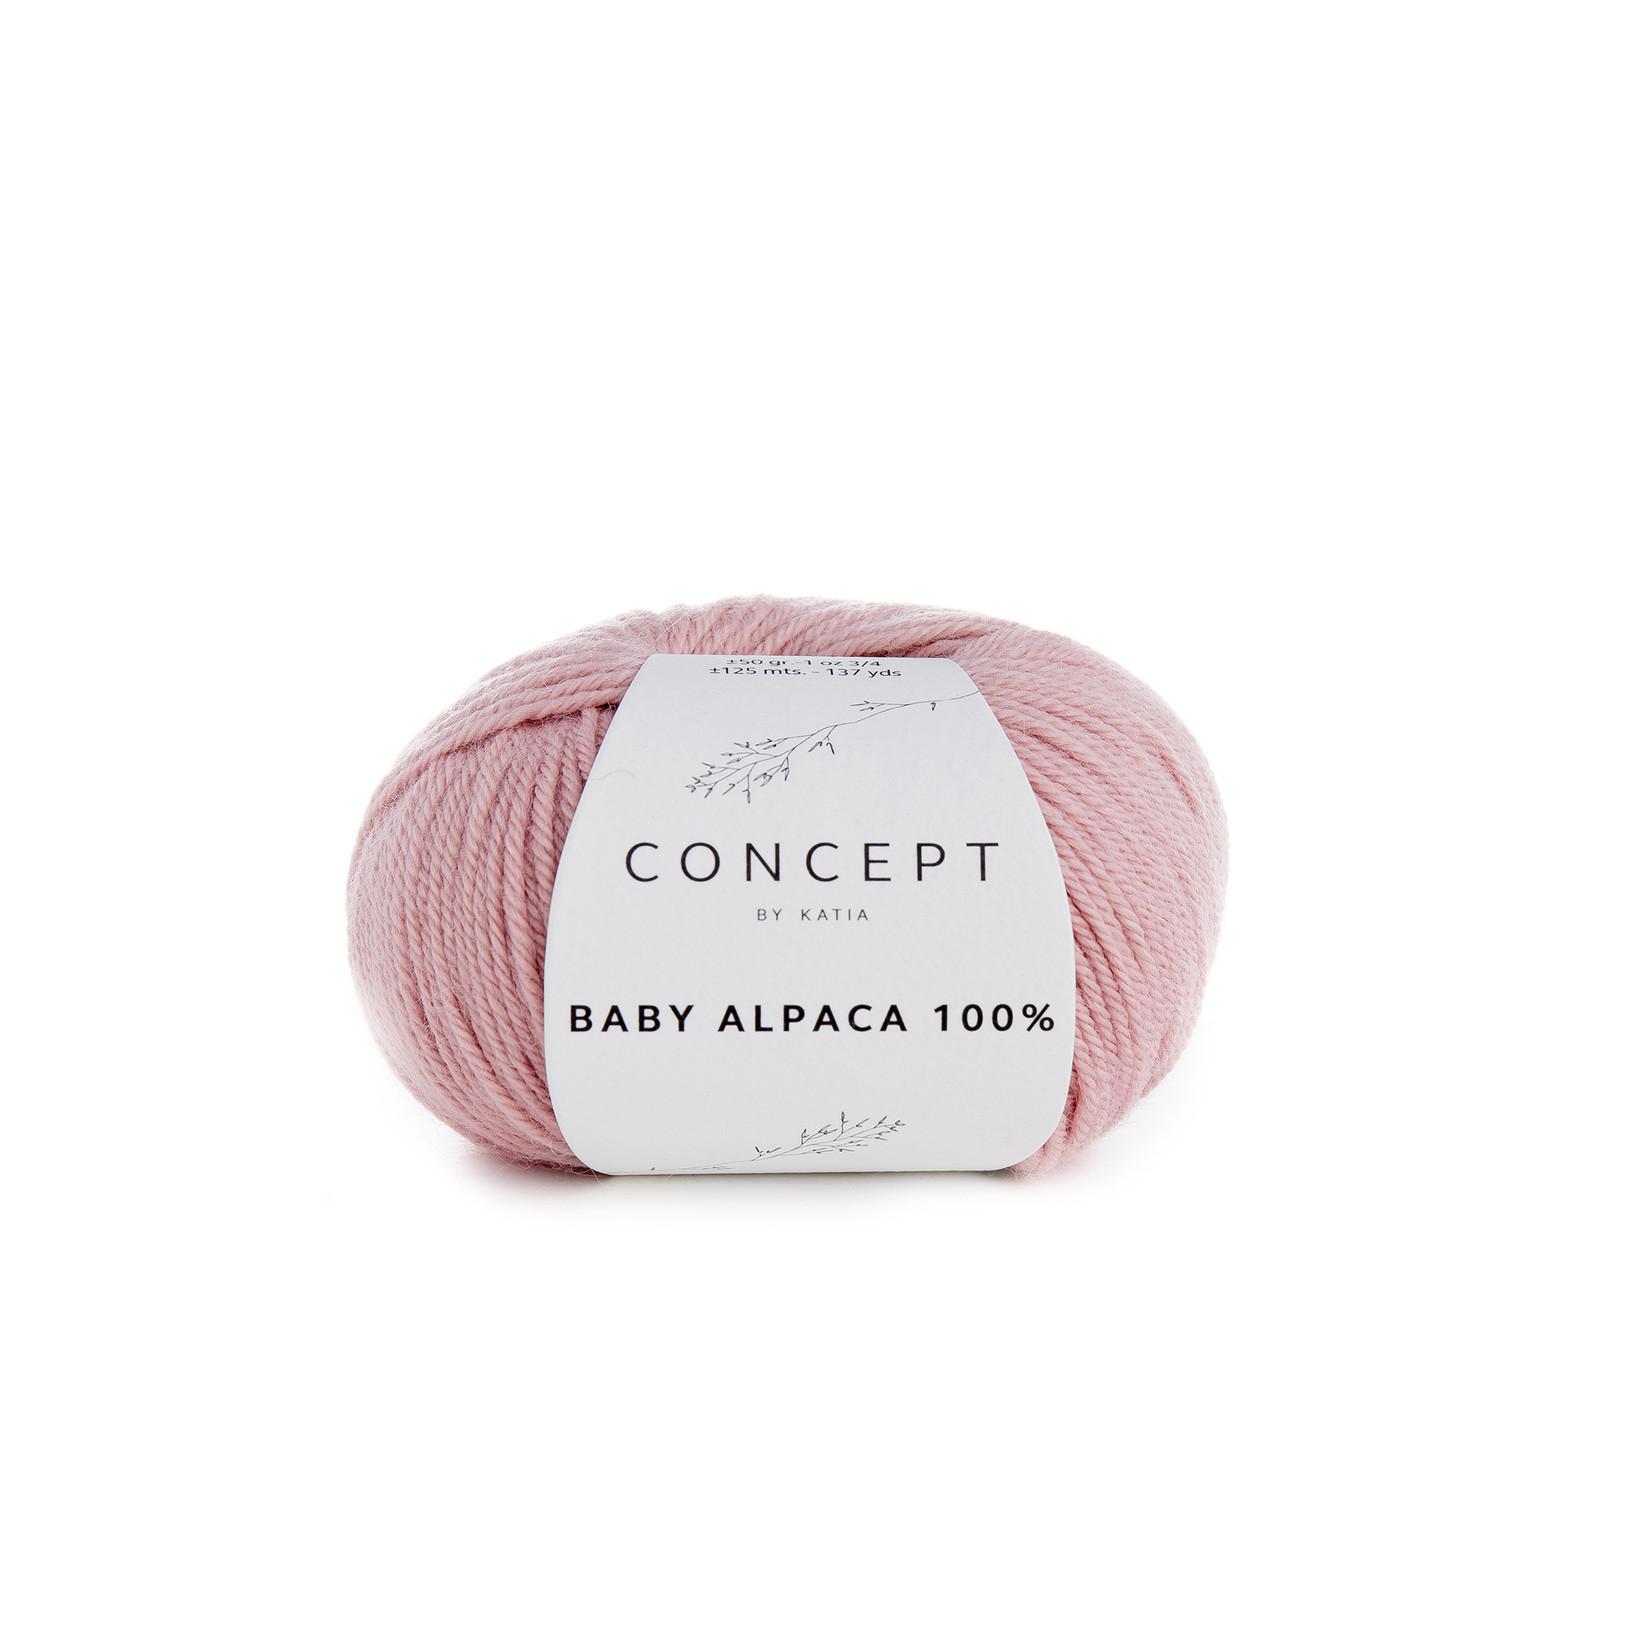 Katia Baby Alpaca 100% - kleur 506 - Lichtroze - 50 gr. = 125 m. - 100% Baby Alpaca